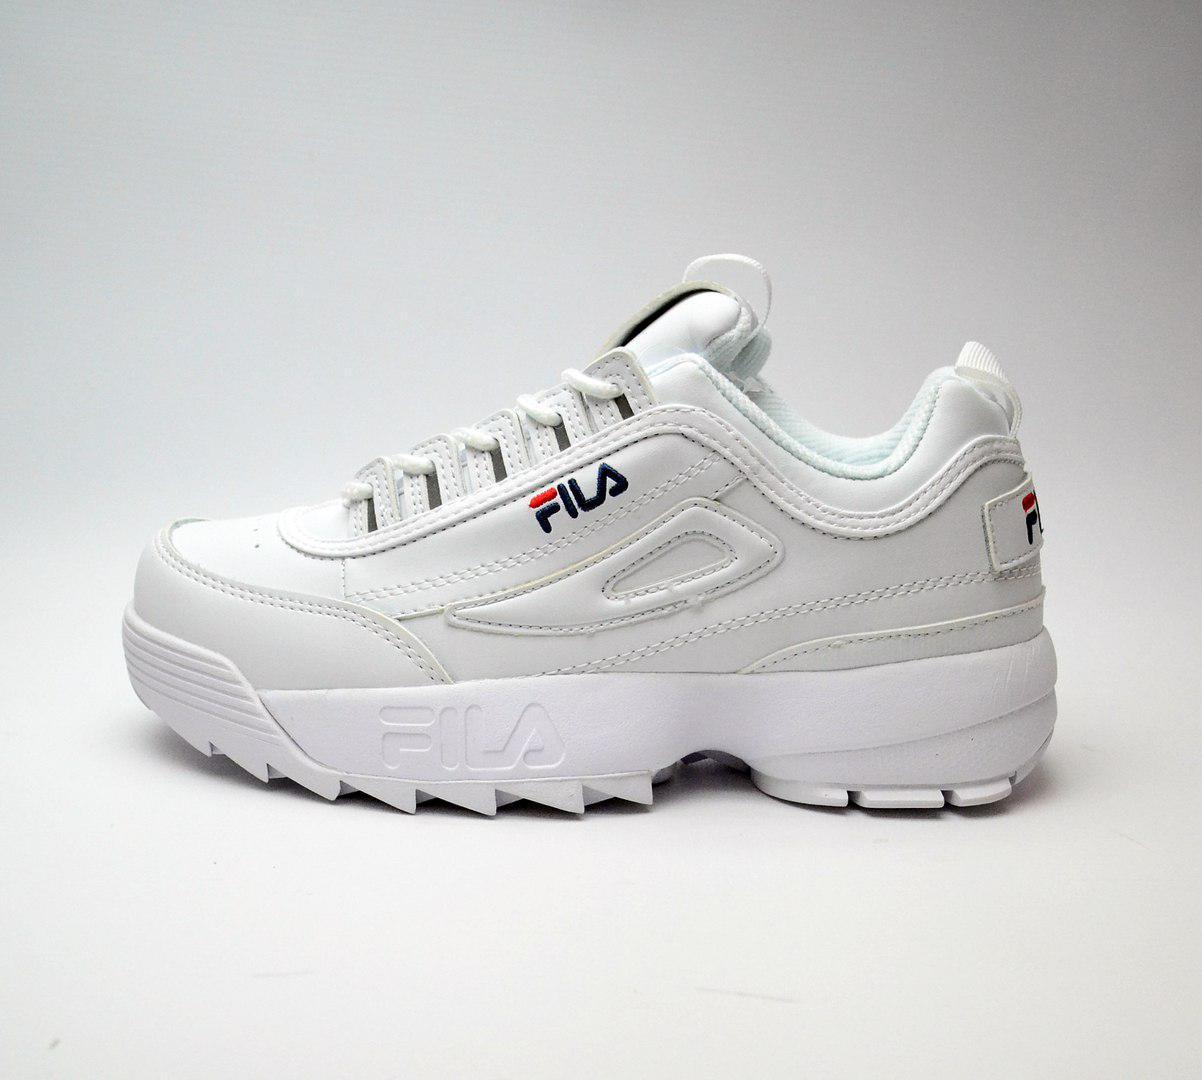 d3a1c01cc Кожаные кроссовки фила, кроссовки Fila (реплика) - купить по лучшей ...